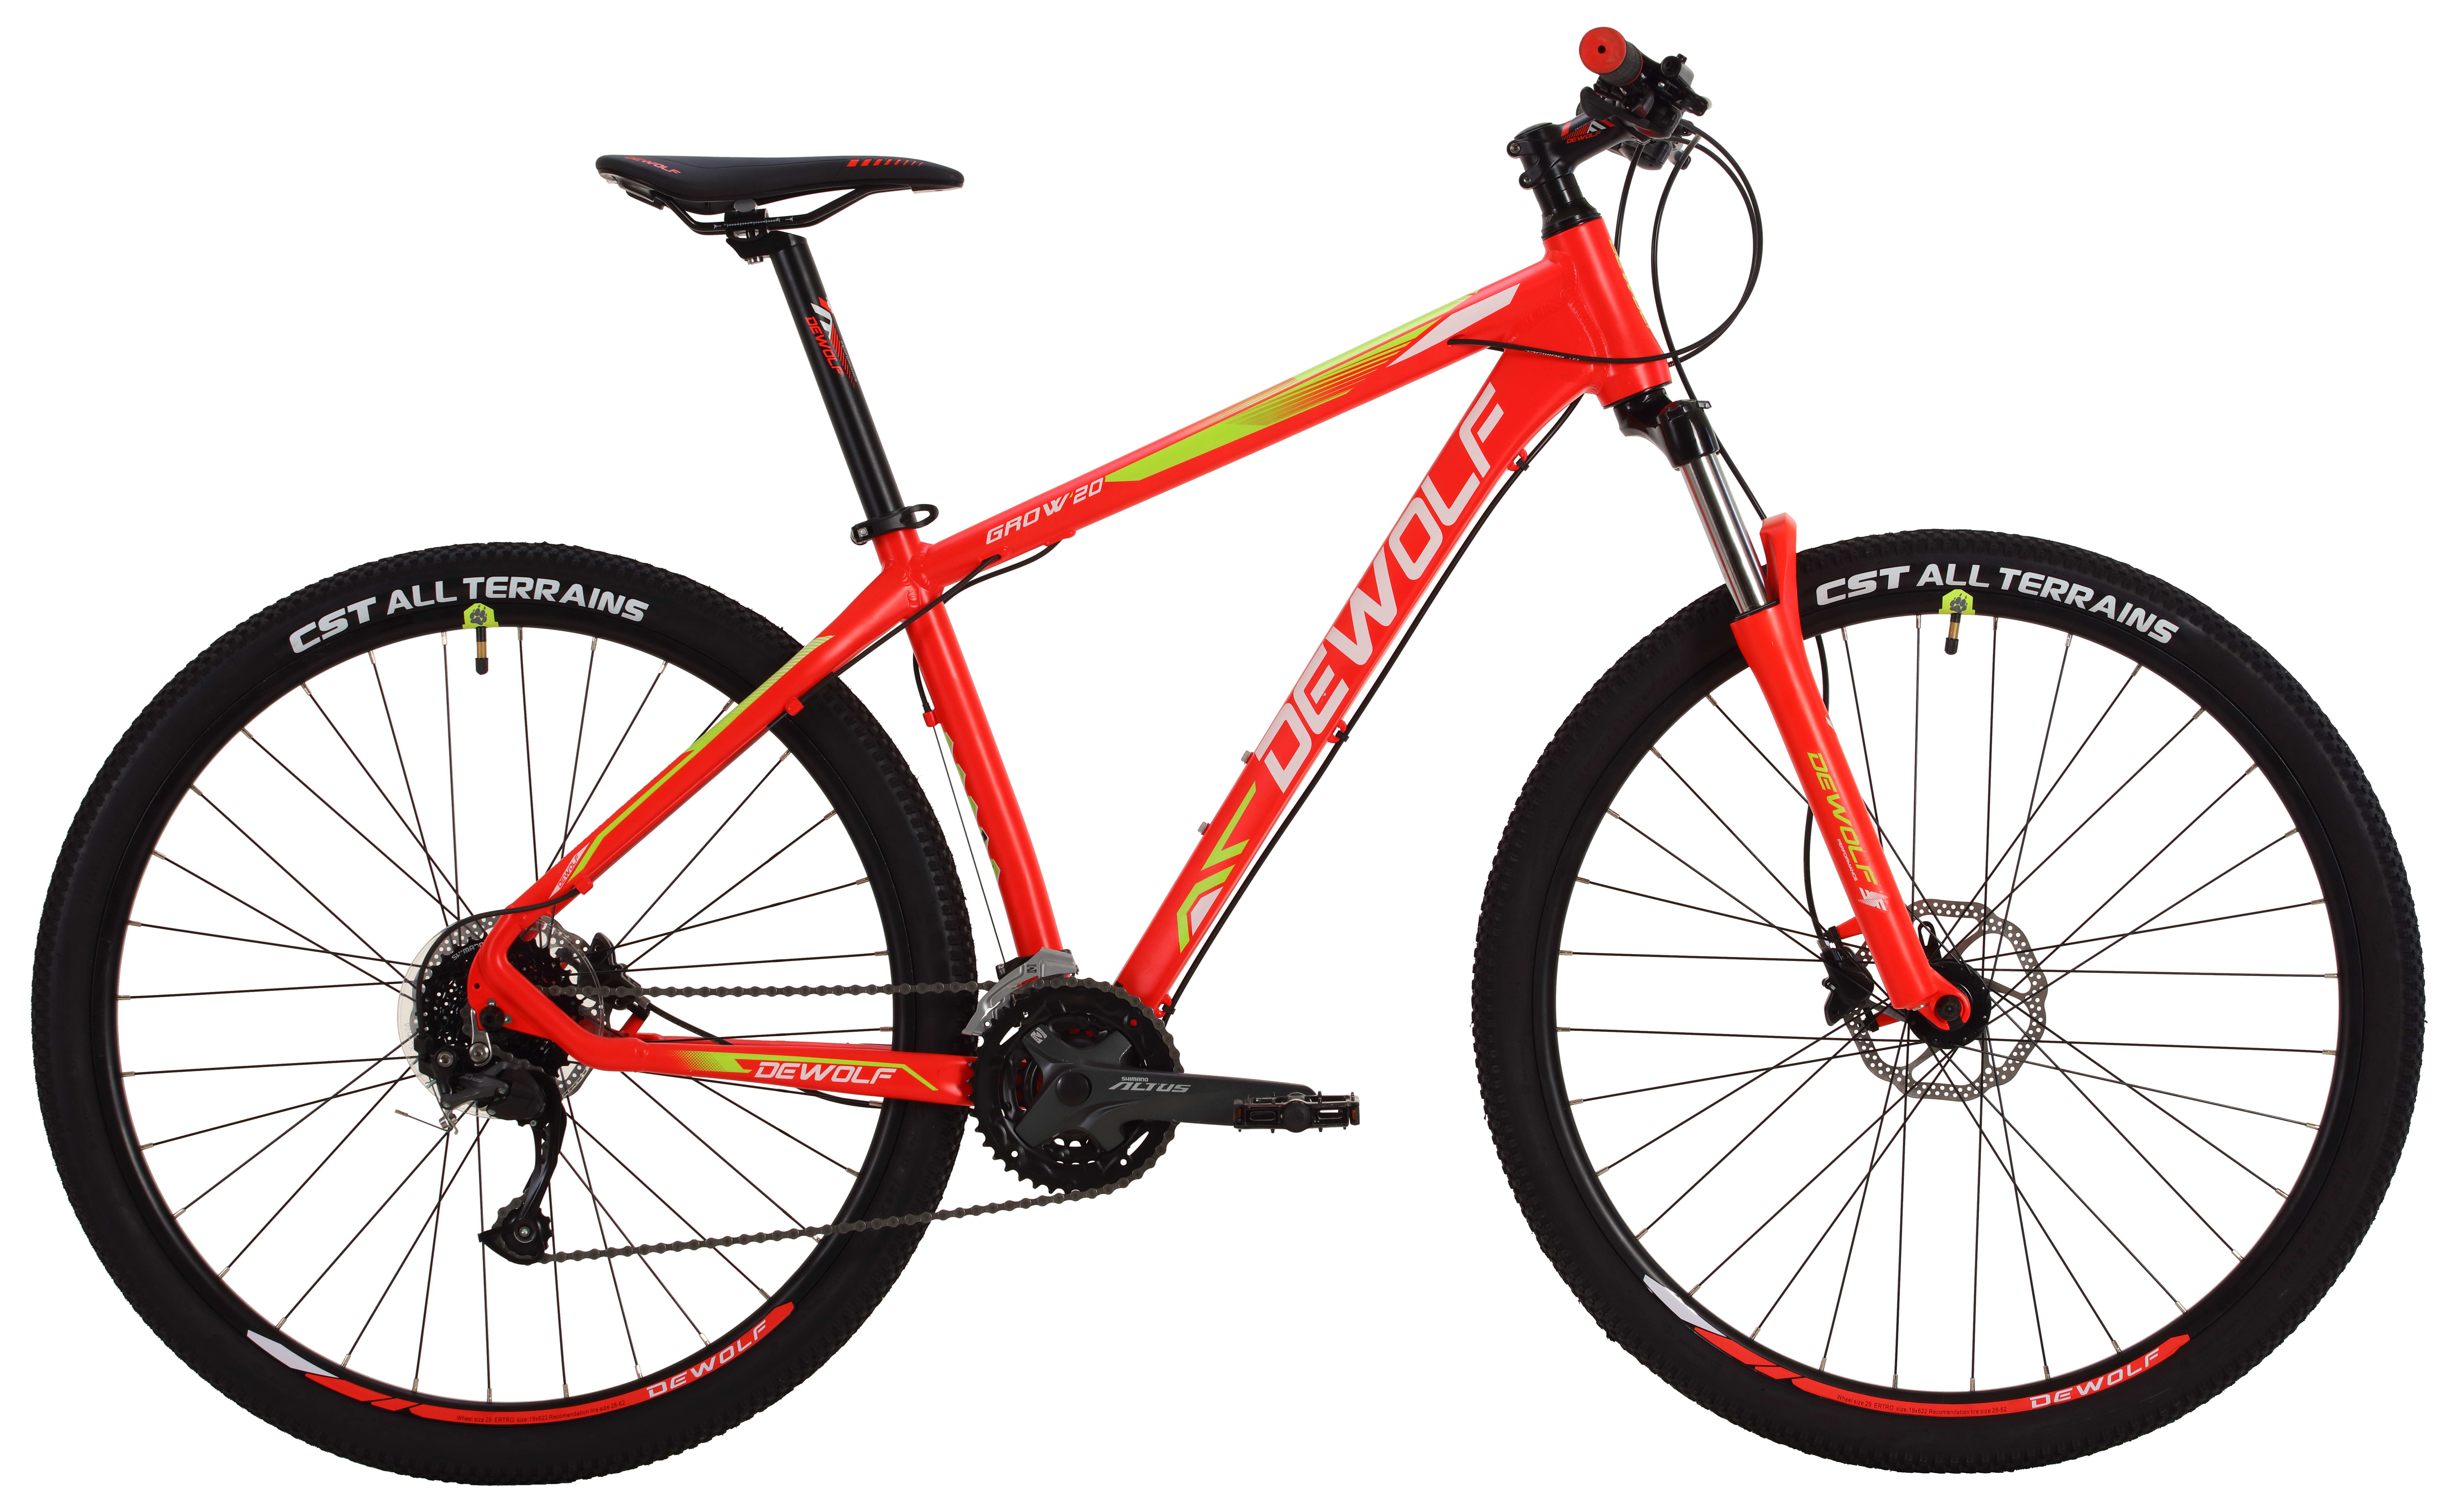 Разновидности гибридных велосипедов, советы по выбору и эксплуатации